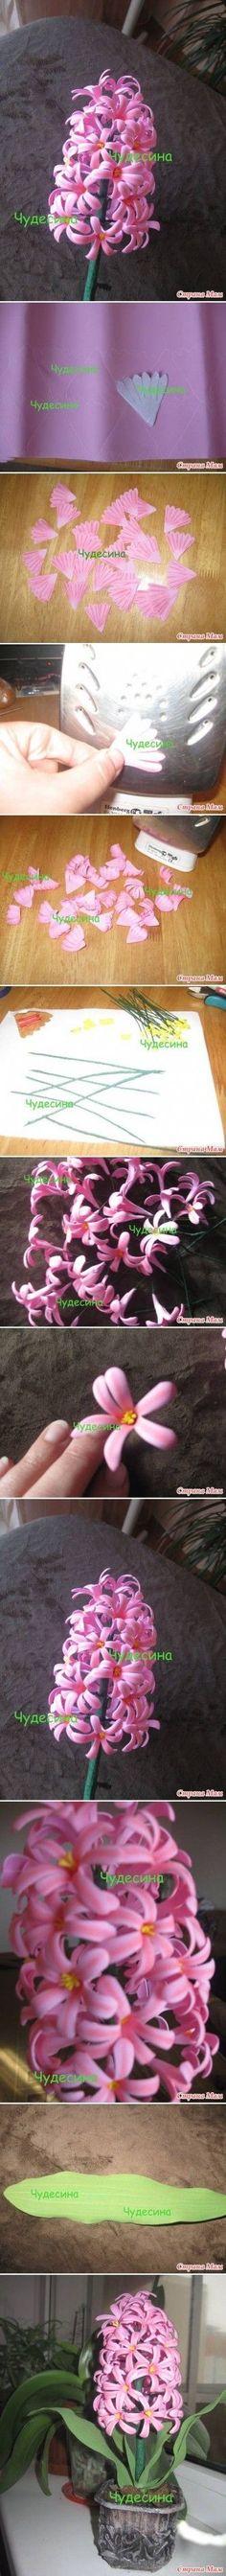 DIY Hyacinth Flower DIY Projects